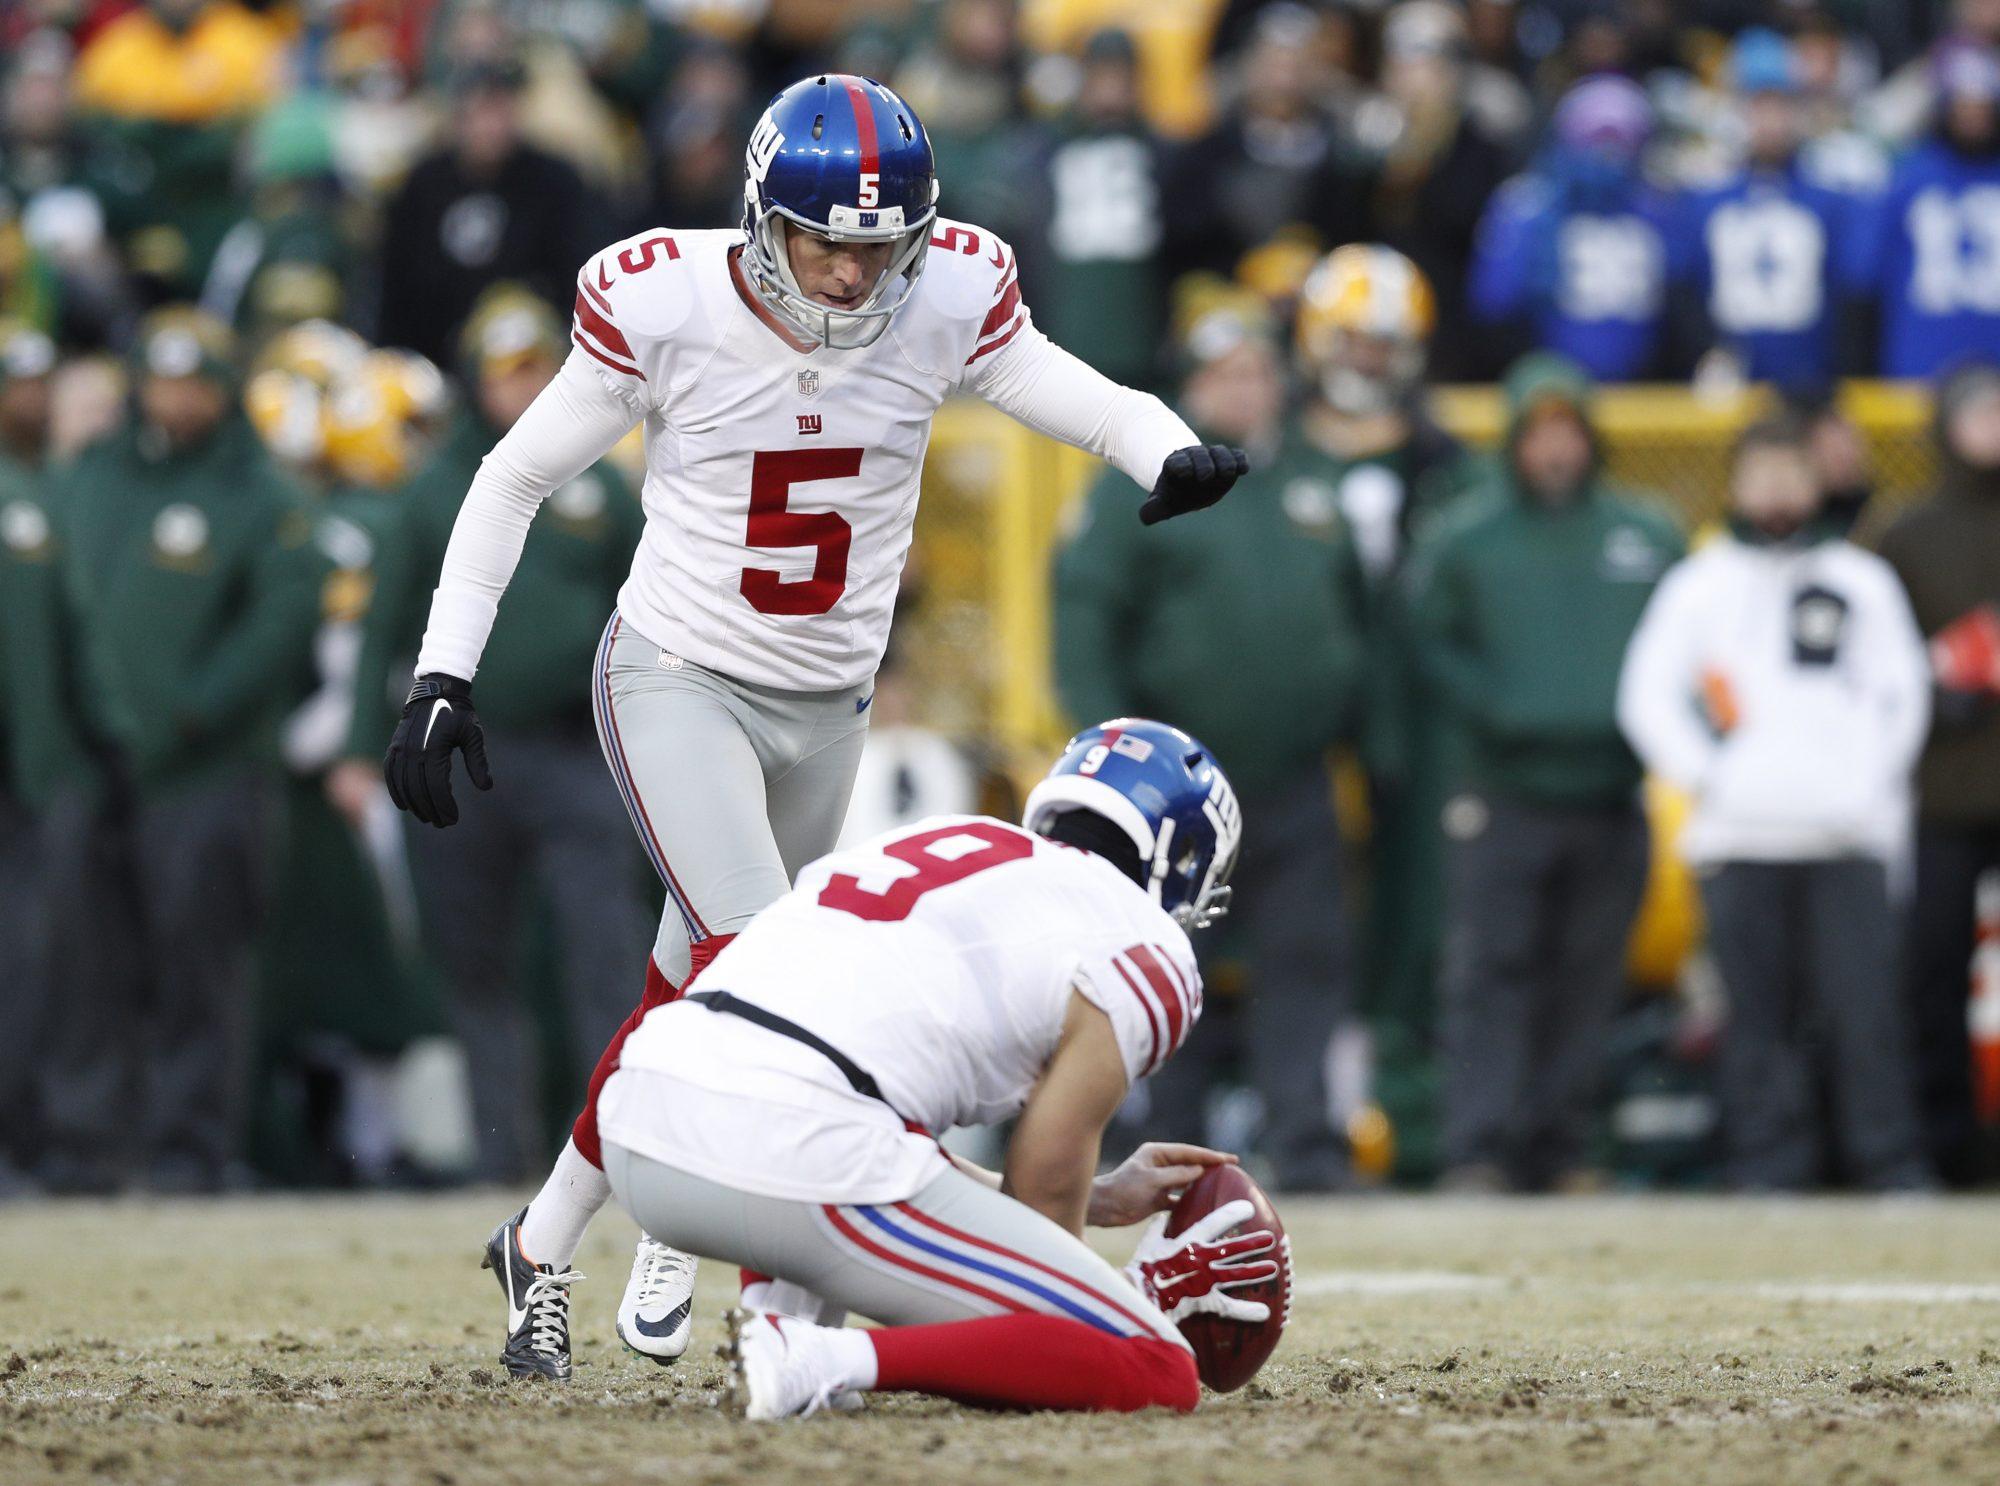 New York Giants Kicker Robbie Gould To Test Free Agency